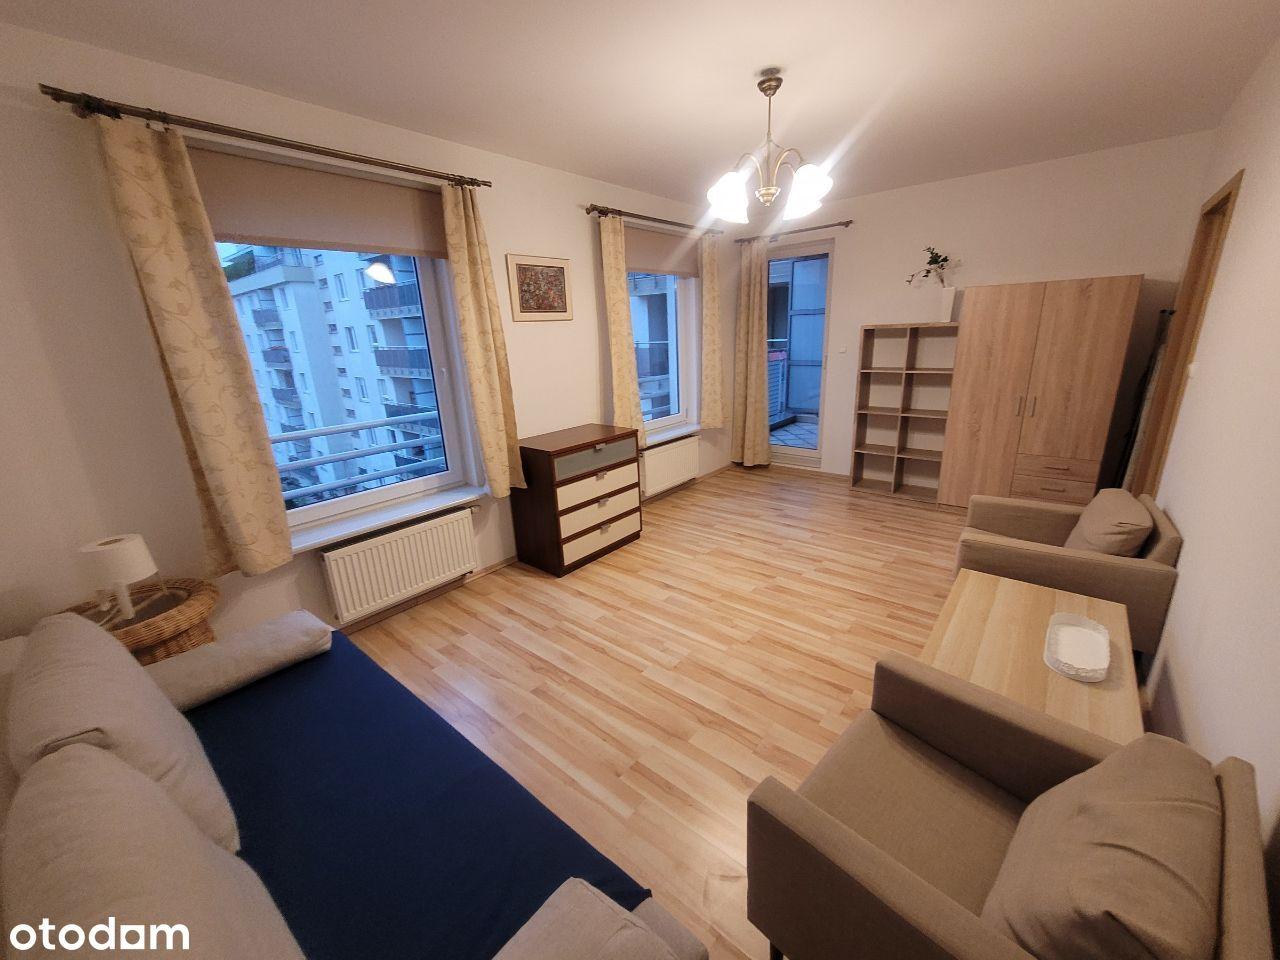 Atrakcyjne mieszkanie w bliskiej części Gocławia